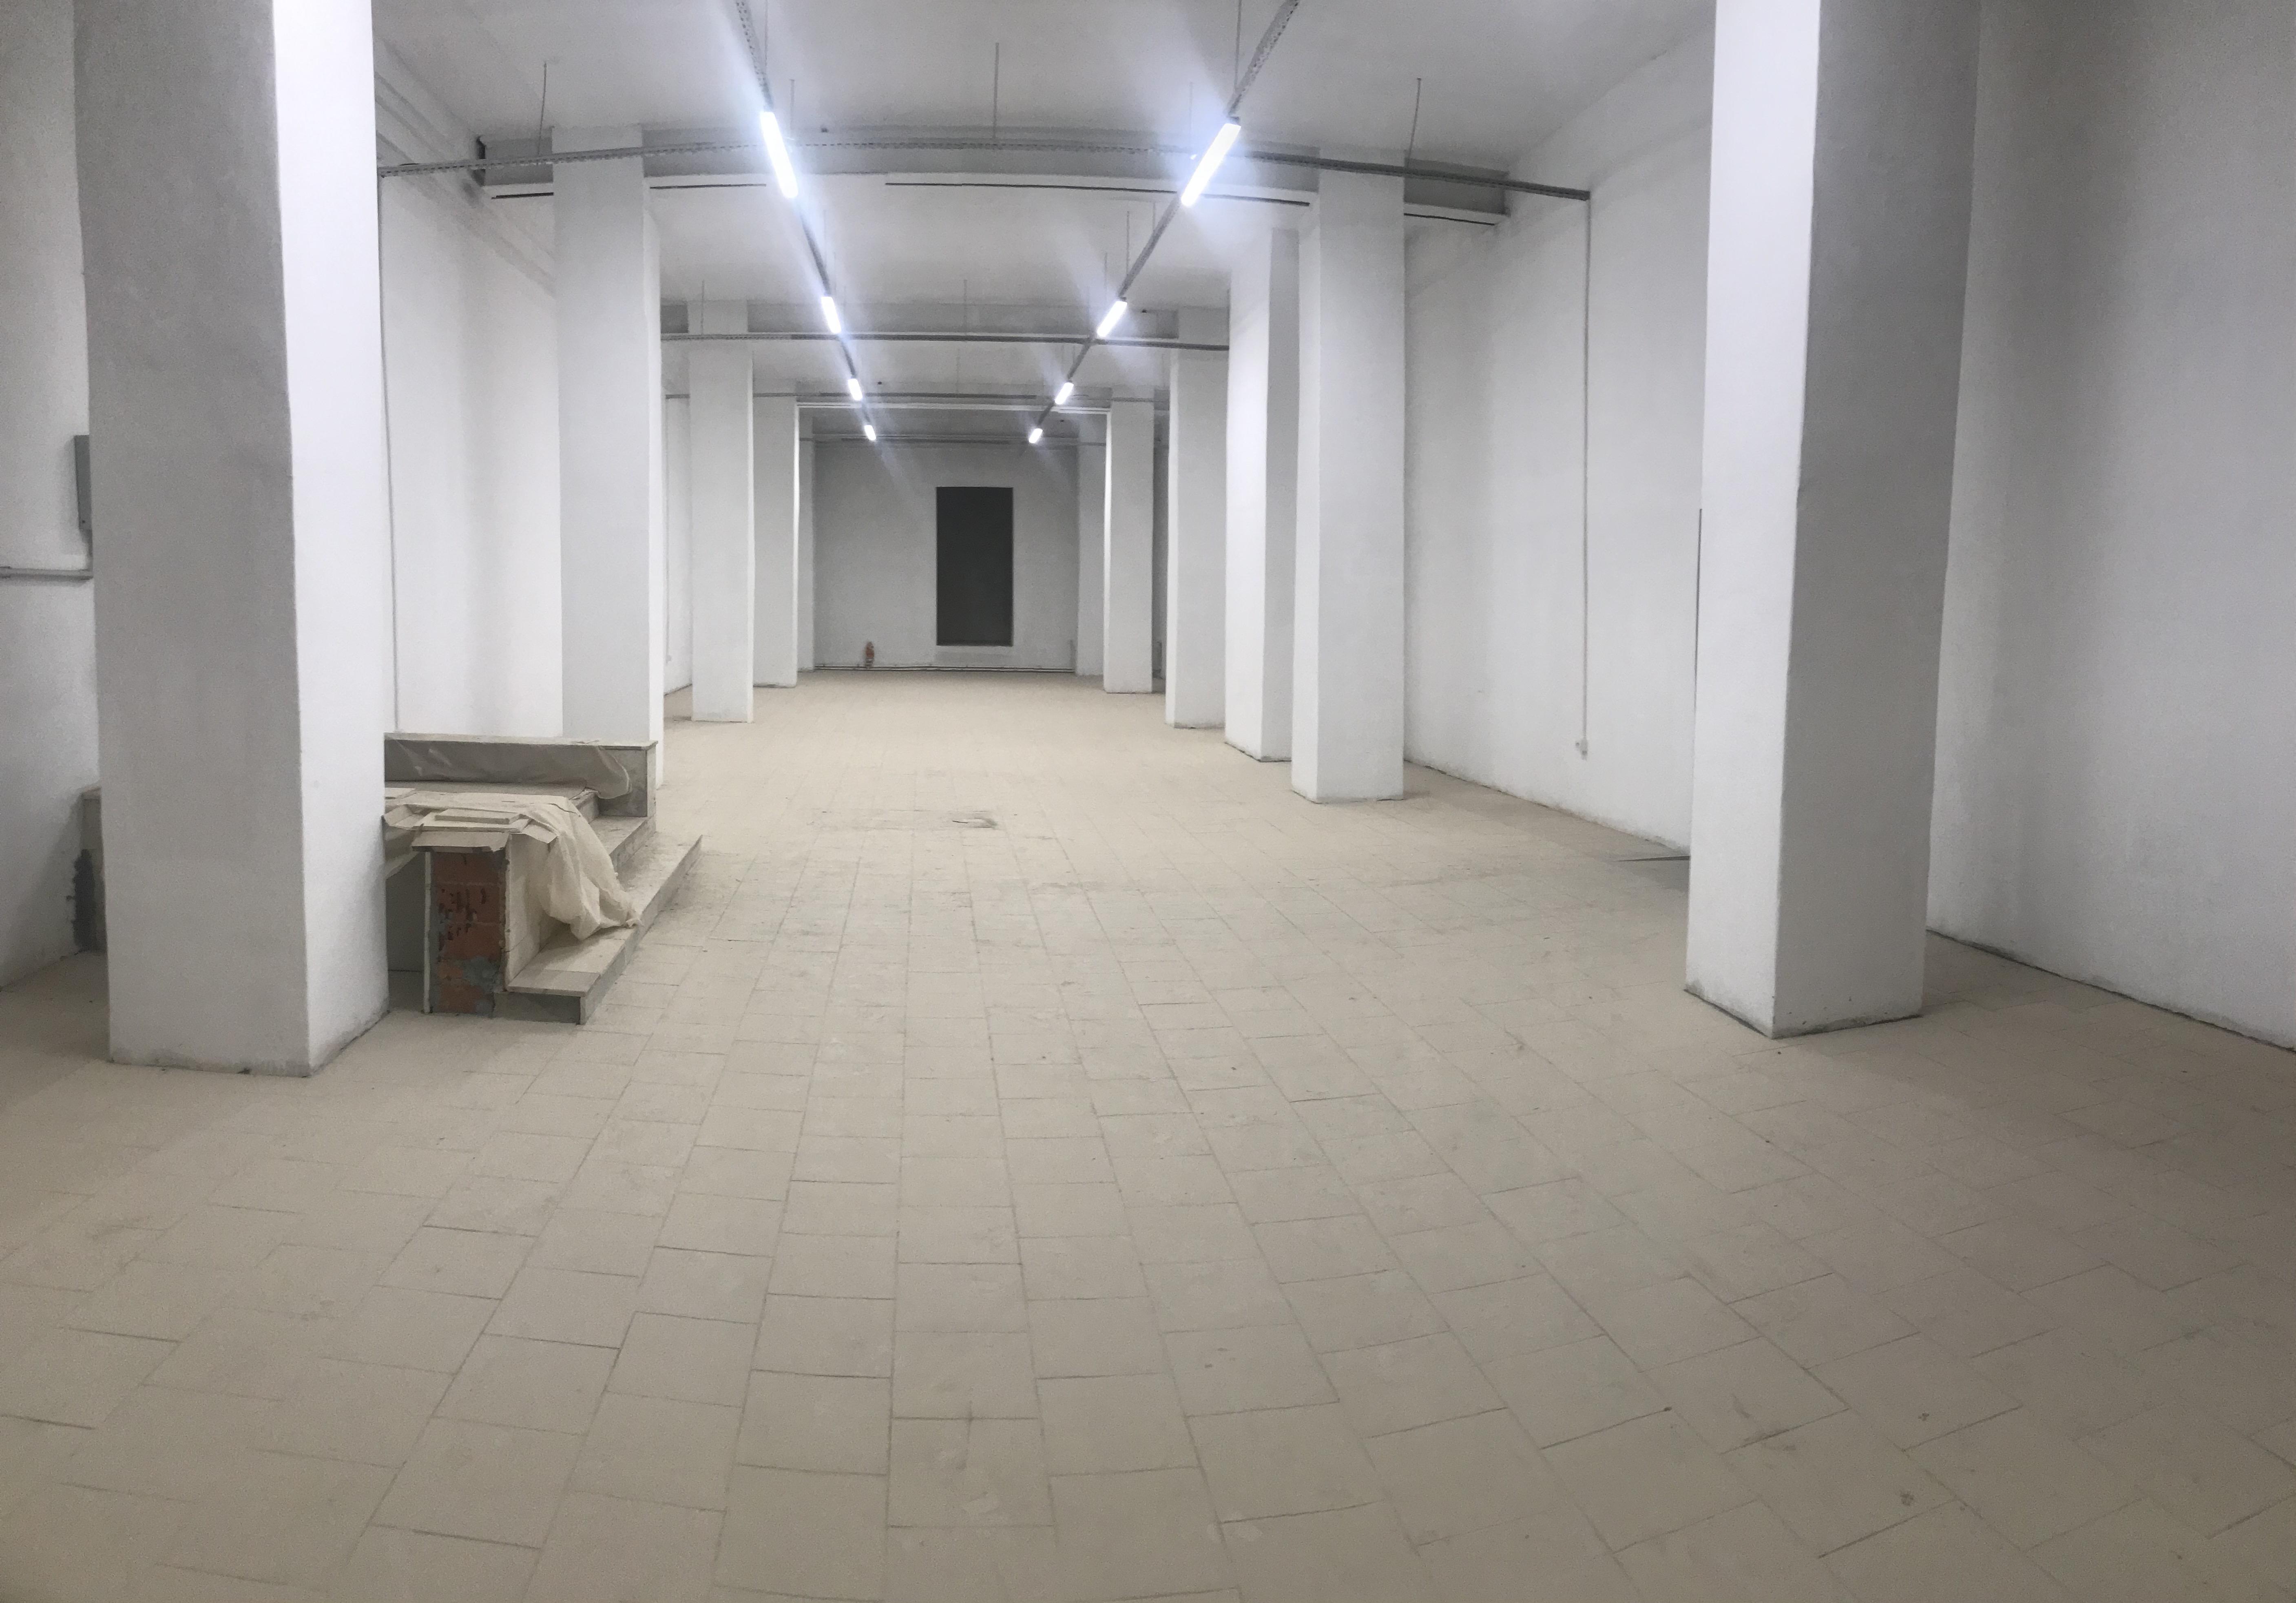 Retail в аренду по адресу Россия, Челябинская область, Челябинск, Тарасова ул., д. 45